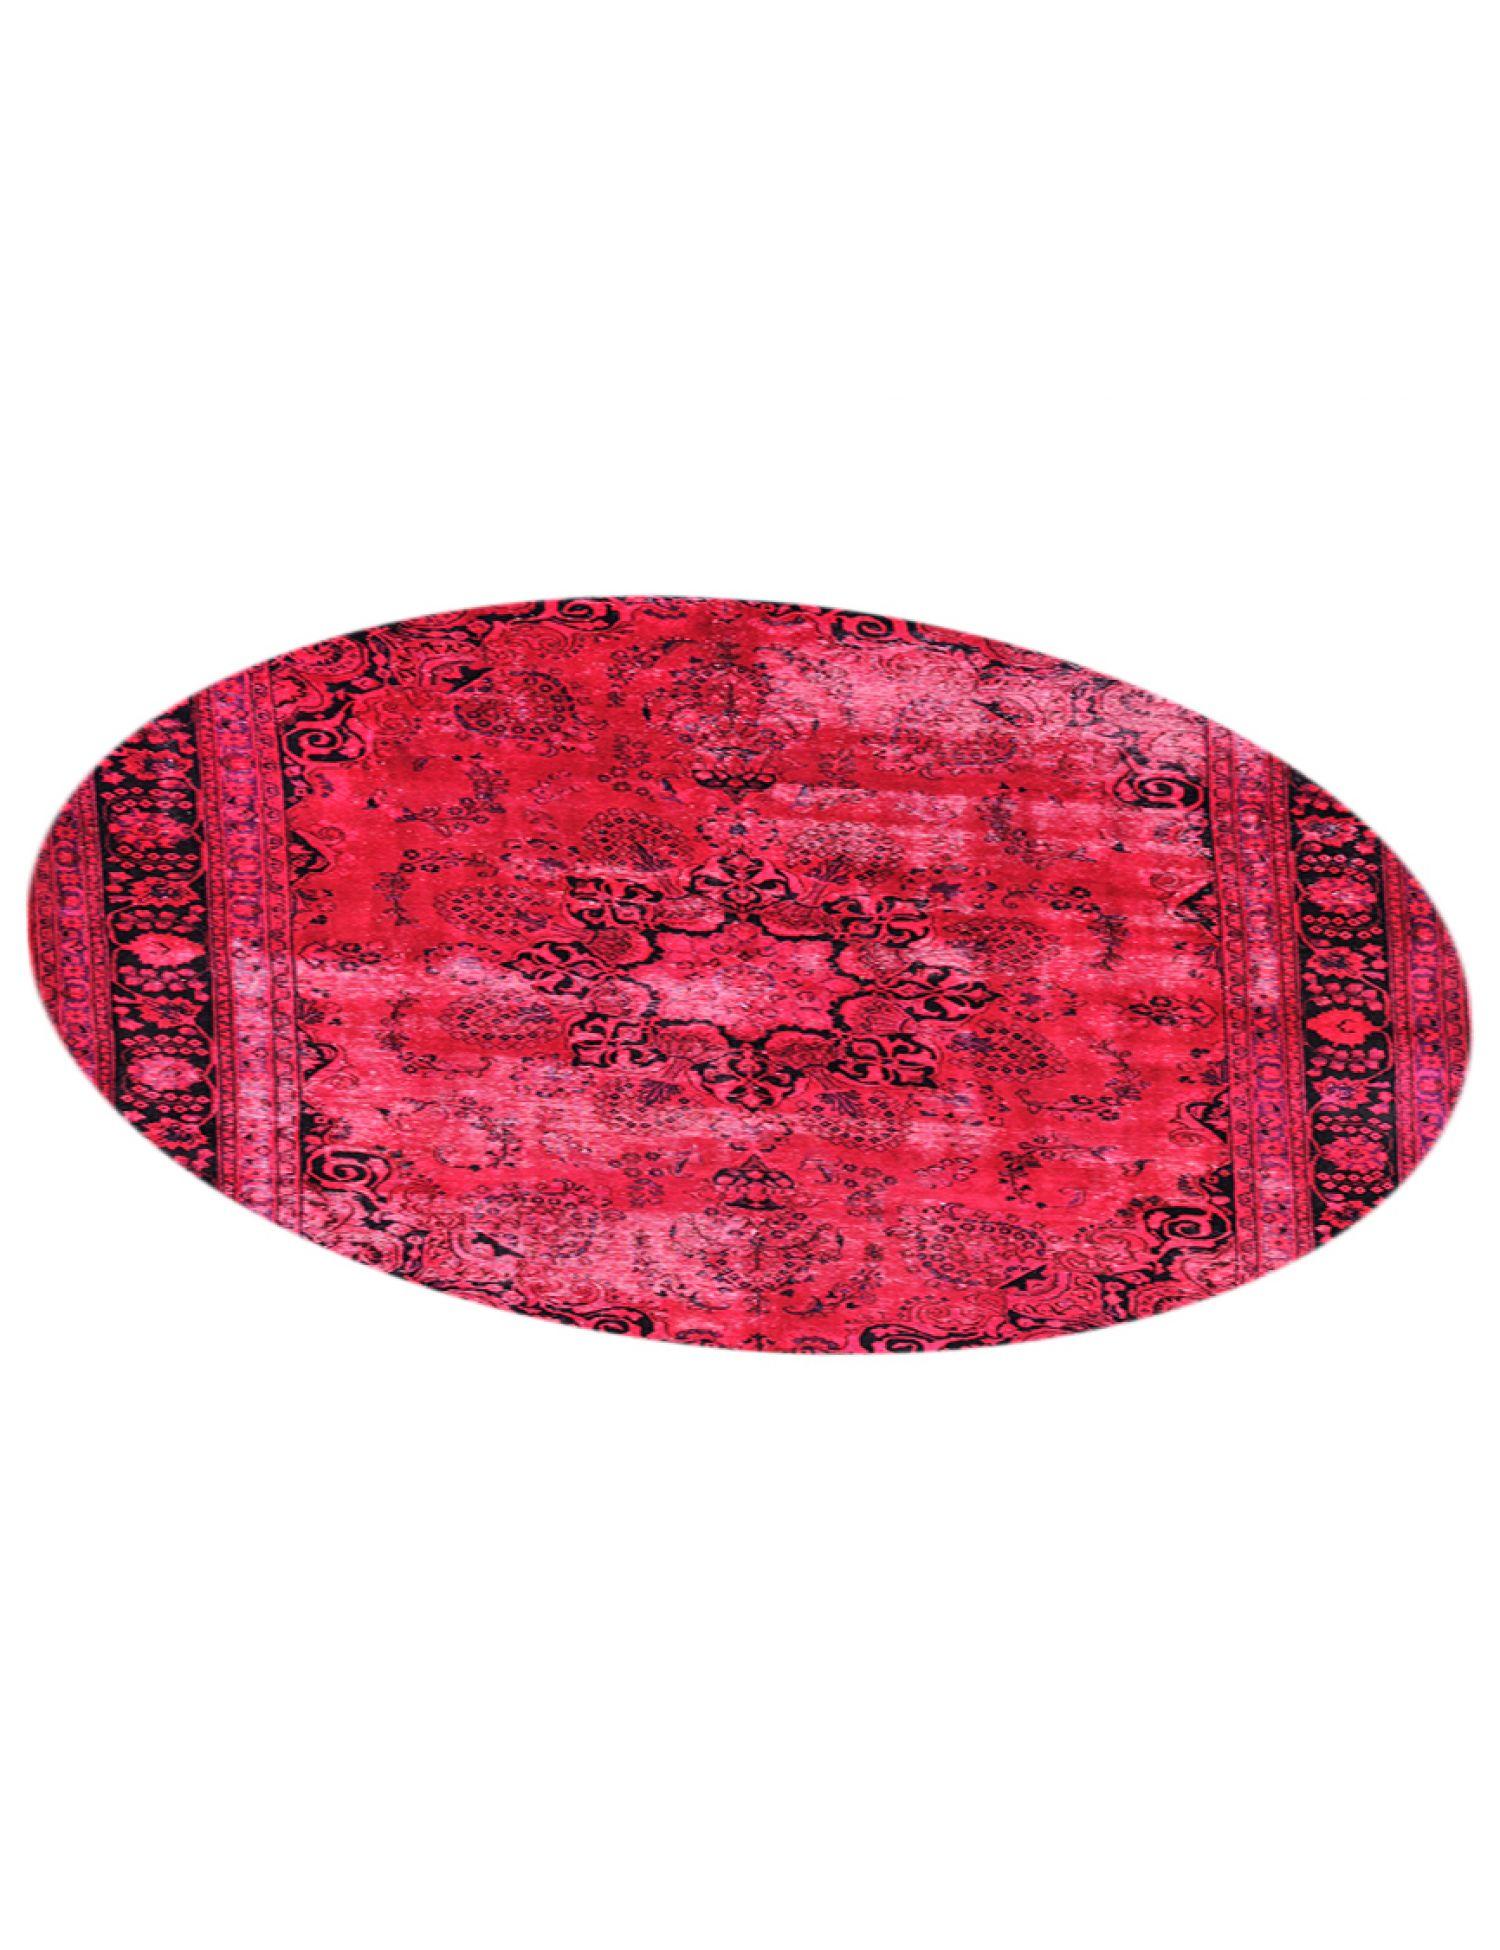 Vintage Teppich rund  rot <br/>290 x 290 cm